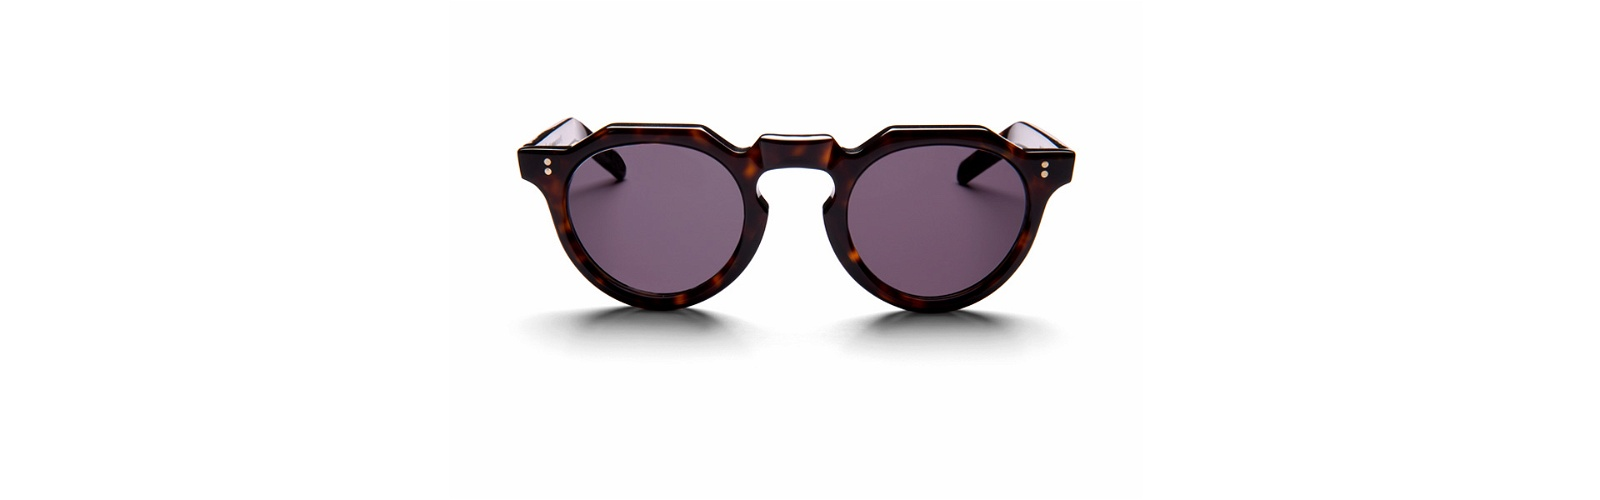 jamboree sunglasses los angeles dark tortoise